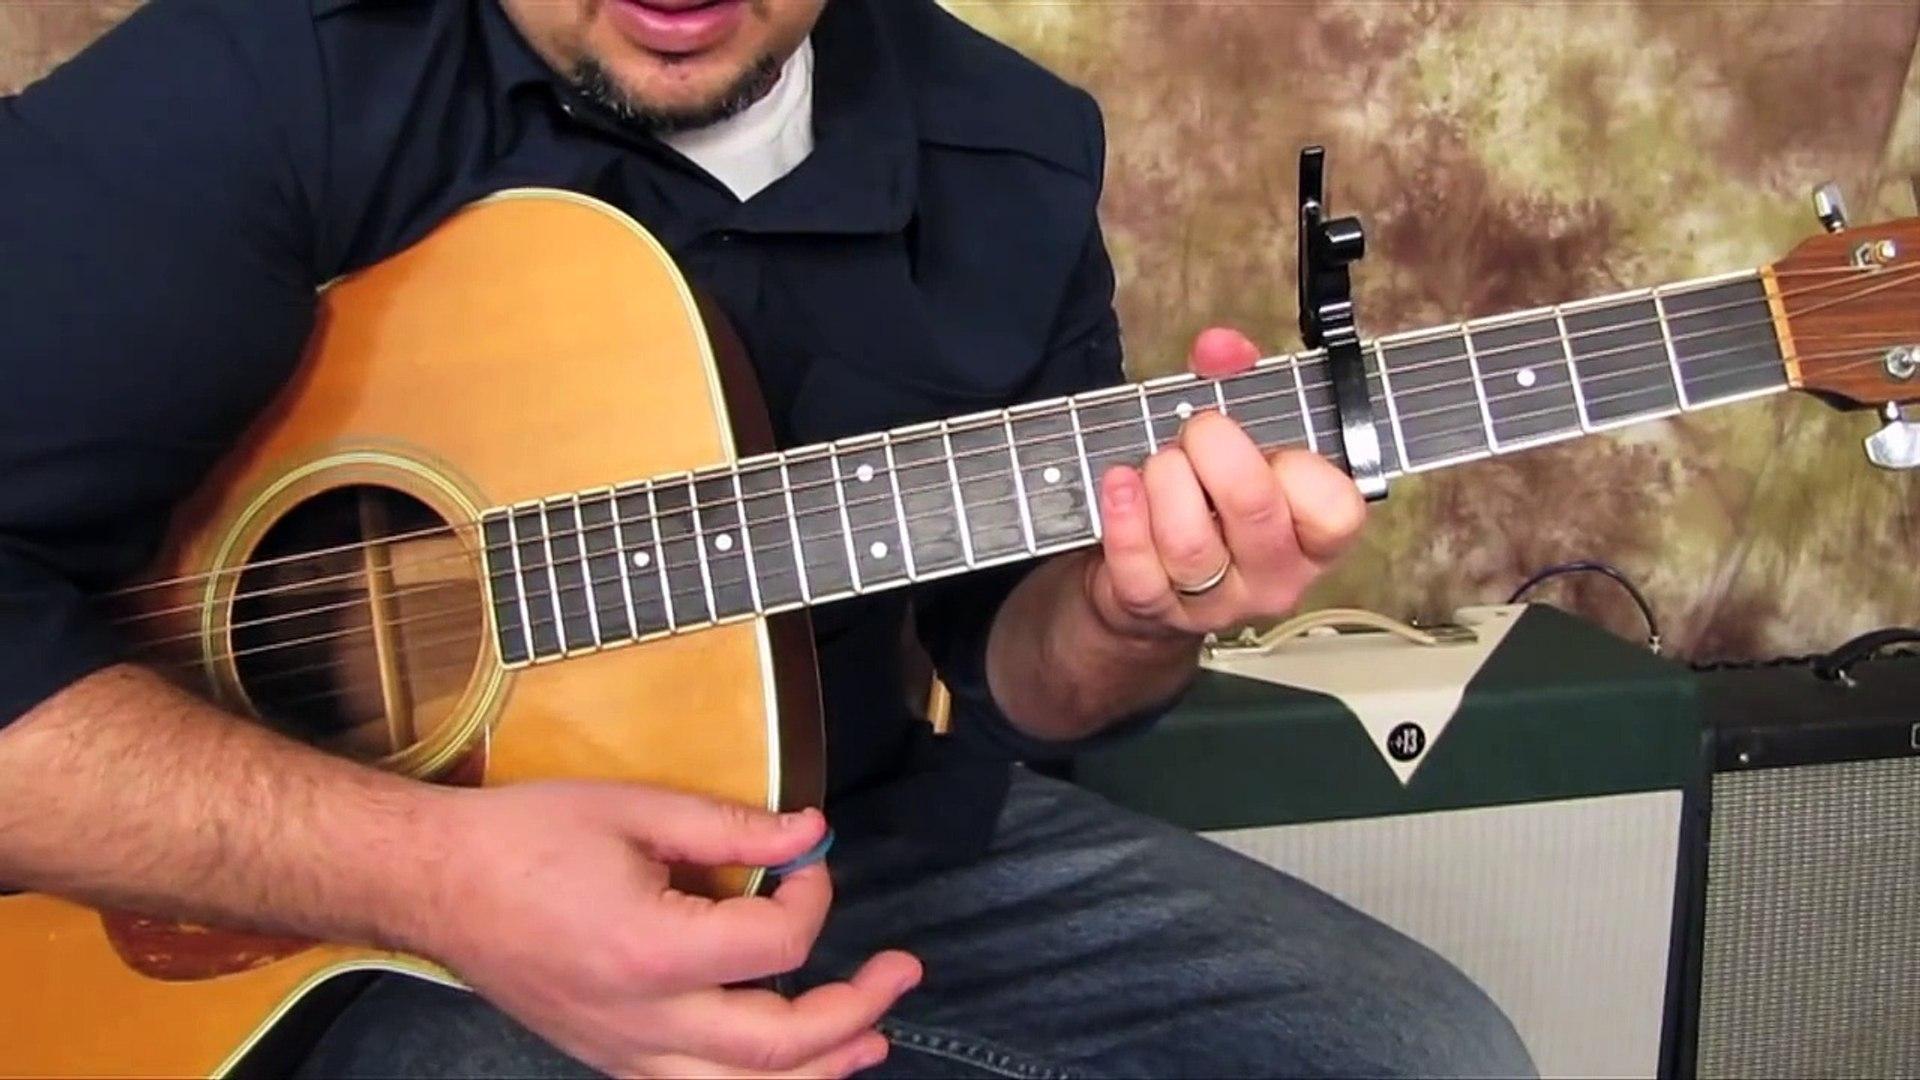 Bruno Mars - Grenade - How to Play on Guitar - Easy Beginner Acoustic Guitar Songs